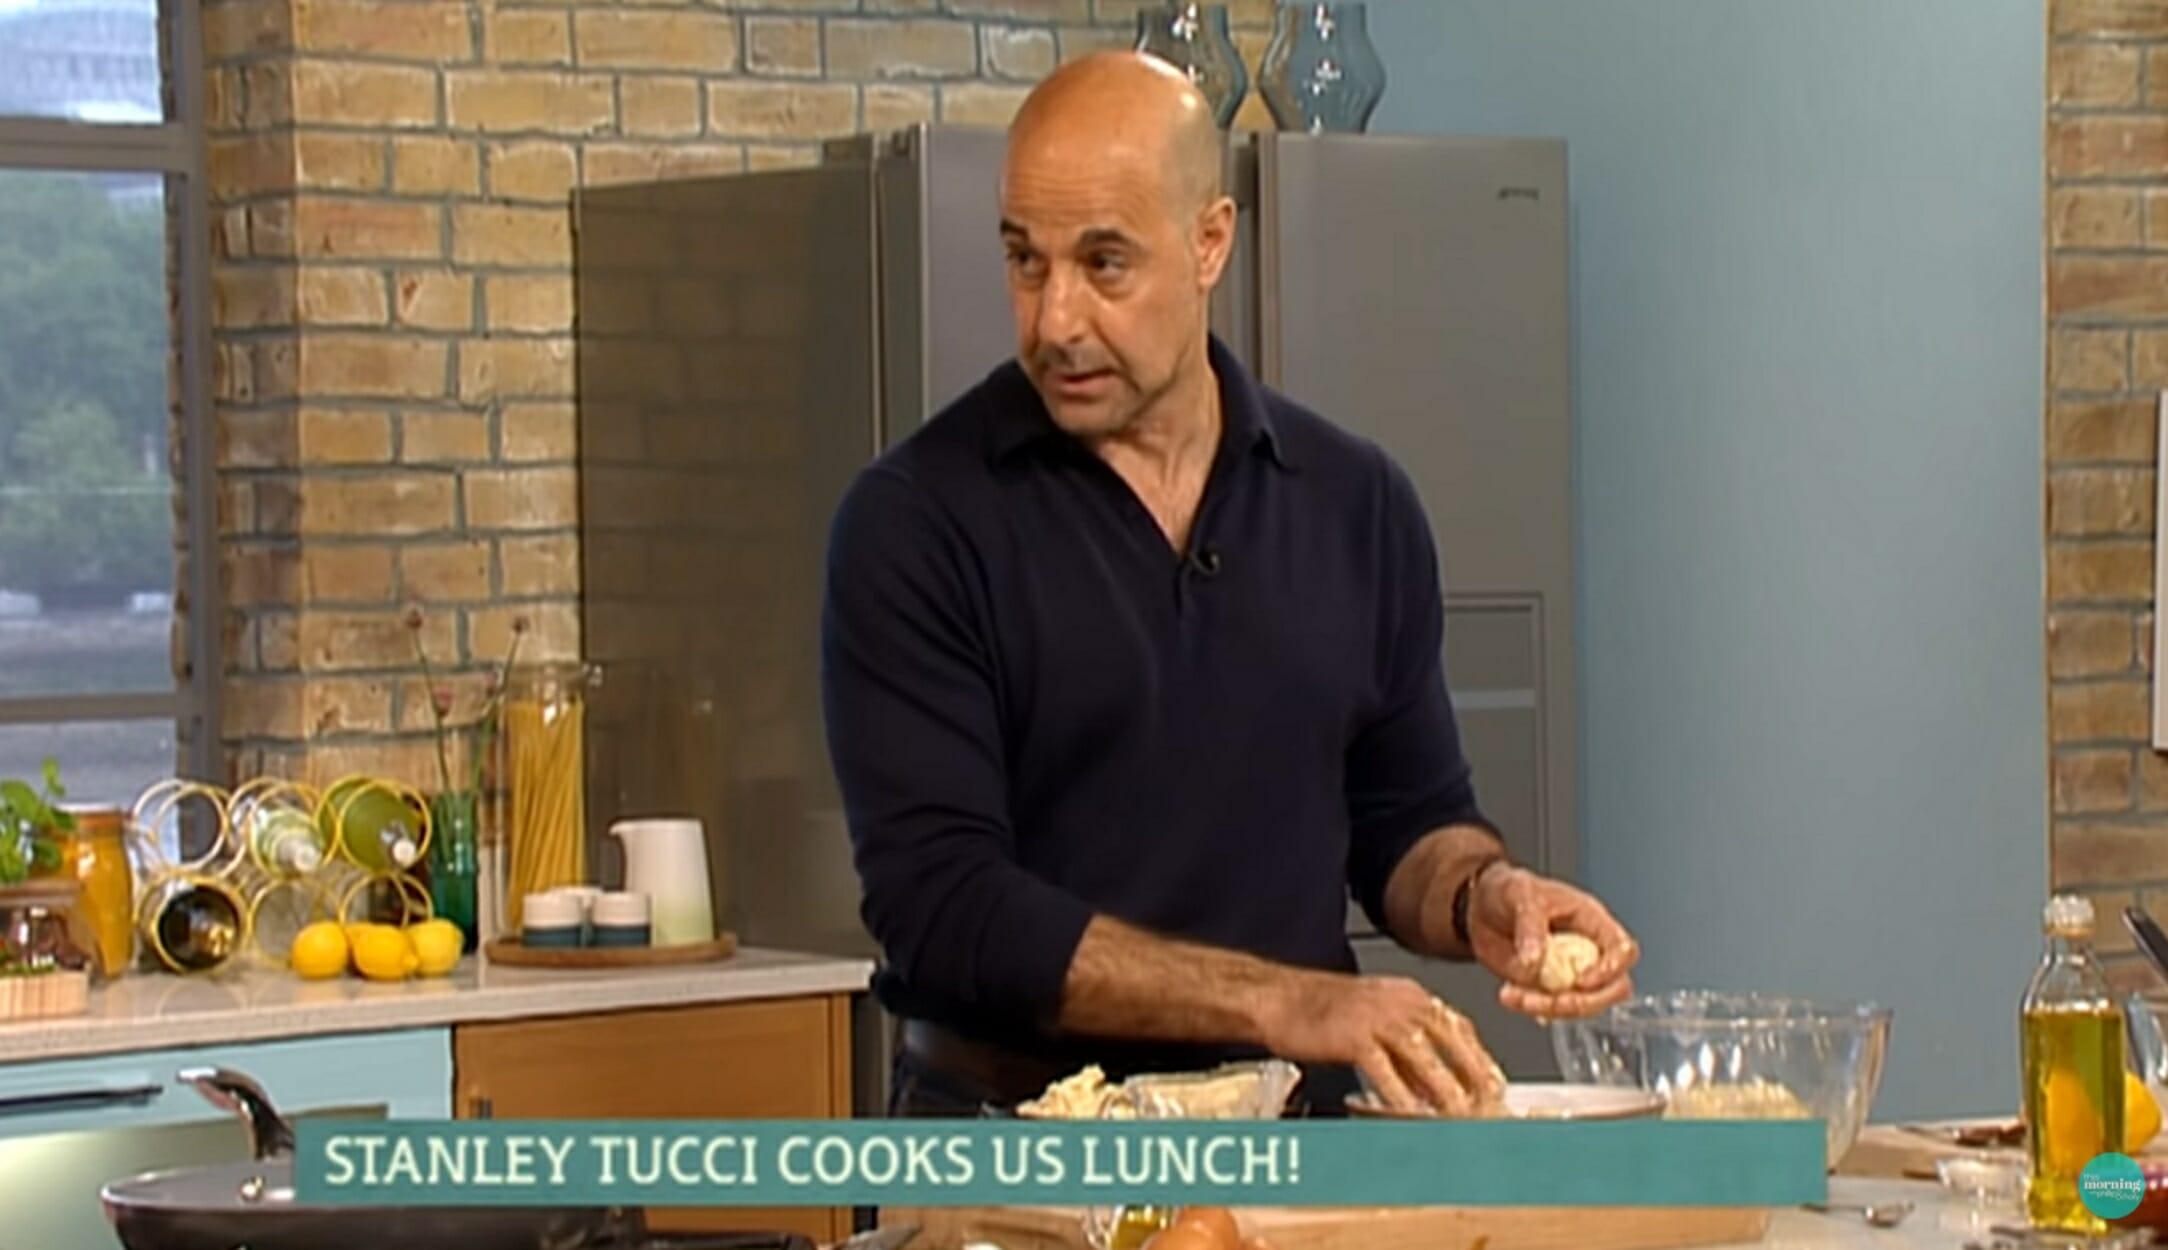 Στάνλεϊ Τούτσι: Παρουσιάζει νέα σειρά για την Ιταλία και το φαγητό της στο CNN